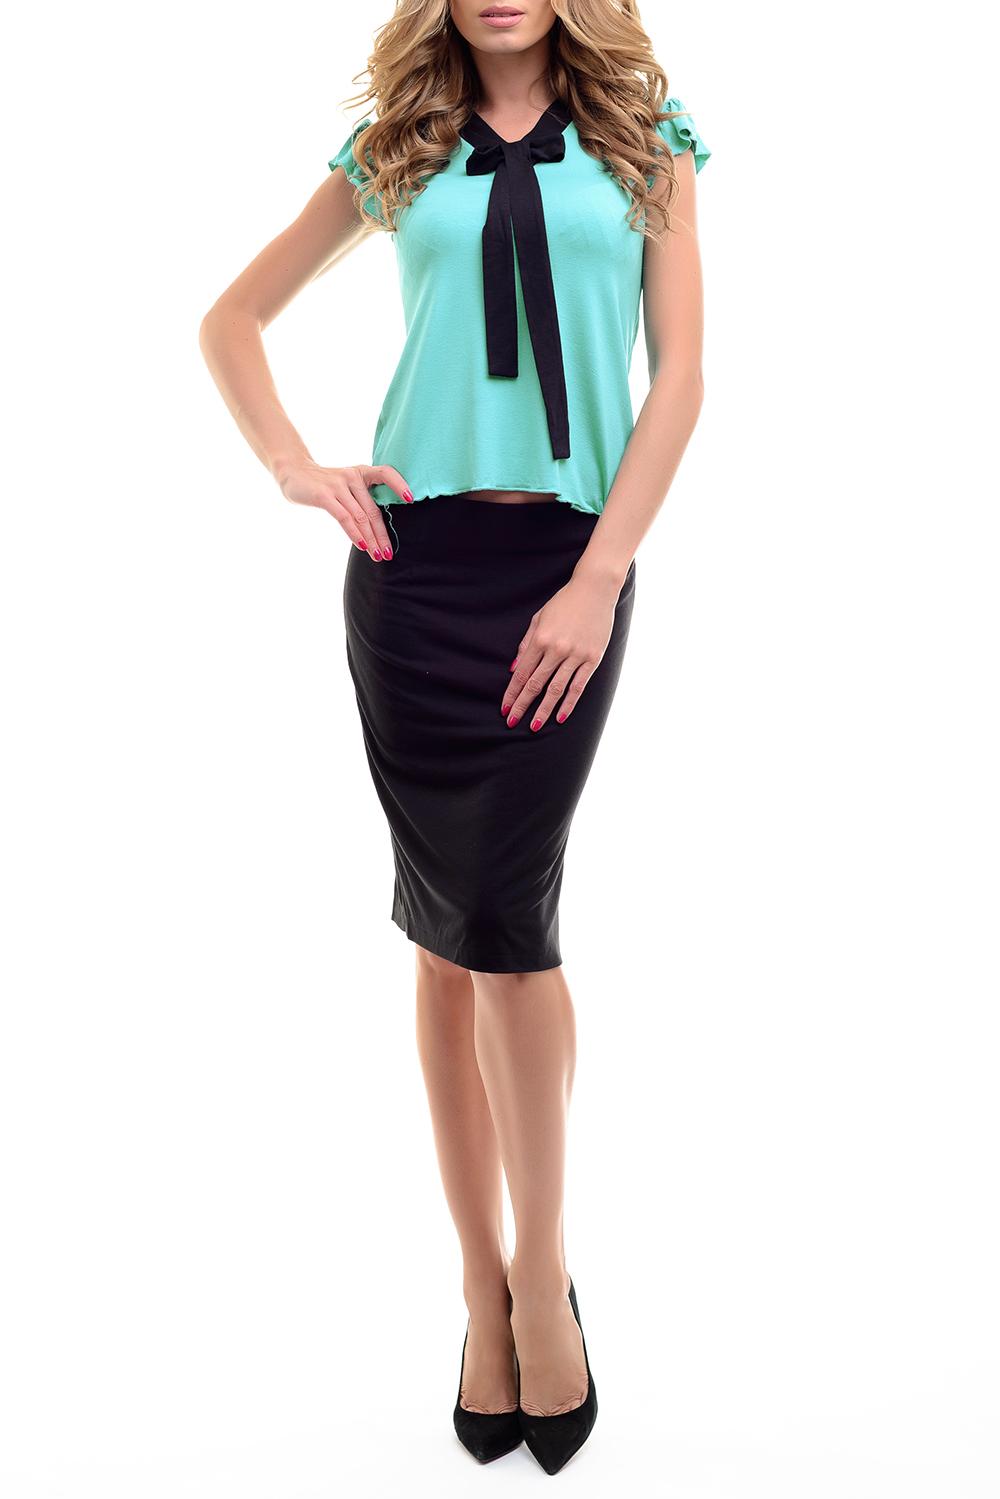 КостюмКостюмы<br>Для современных женщин главное в одежде - красота и комфорт. Именно поэтому мы создали удобный комплект, который включает блузку и юбку. Застежка на юбке - молния.Цвет: черный + мятный.Ростовка изделия 170 см.<br><br>Воротник: Фантазийный<br>Длина: До колена<br>Застежка: С молнией<br>Материал: Вискоза,Трикотаж<br>Разрез: Короткий<br>Рисунок: Цветные<br>Рукав: Короткий рукав<br>Сезон: Весна,Зима,Лето,Осень,Всесезон<br>Силуэт: Полуприталенные<br>Стиль: Классический стиль,Кэжуал,Летний стиль,Молодежный стиль,Офисный стиль,Повседневный стиль<br>Форма: Костюм двойка,Юбочный костюм<br>Элементы: С декором<br>Размер : 42-44,44-46,46-48<br>Материал: Вискоза<br>Количество в наличии: 3